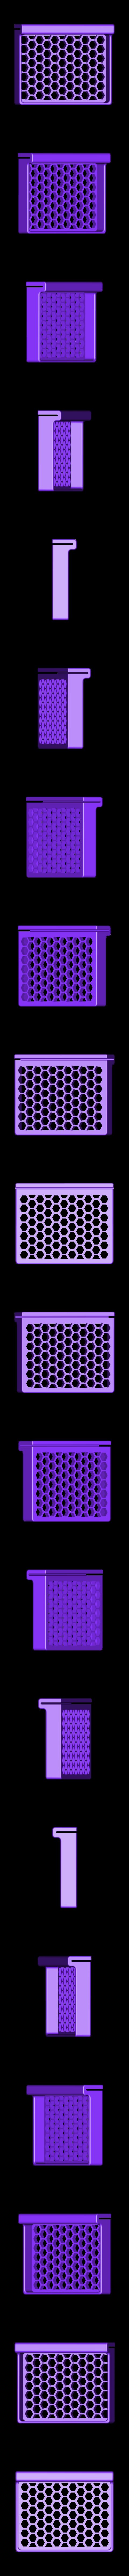 window_shelf.STL Télécharger fichier STL gratuit mini étagère pour fenêtre • Objet imprimable en 3D, rubenzilzer